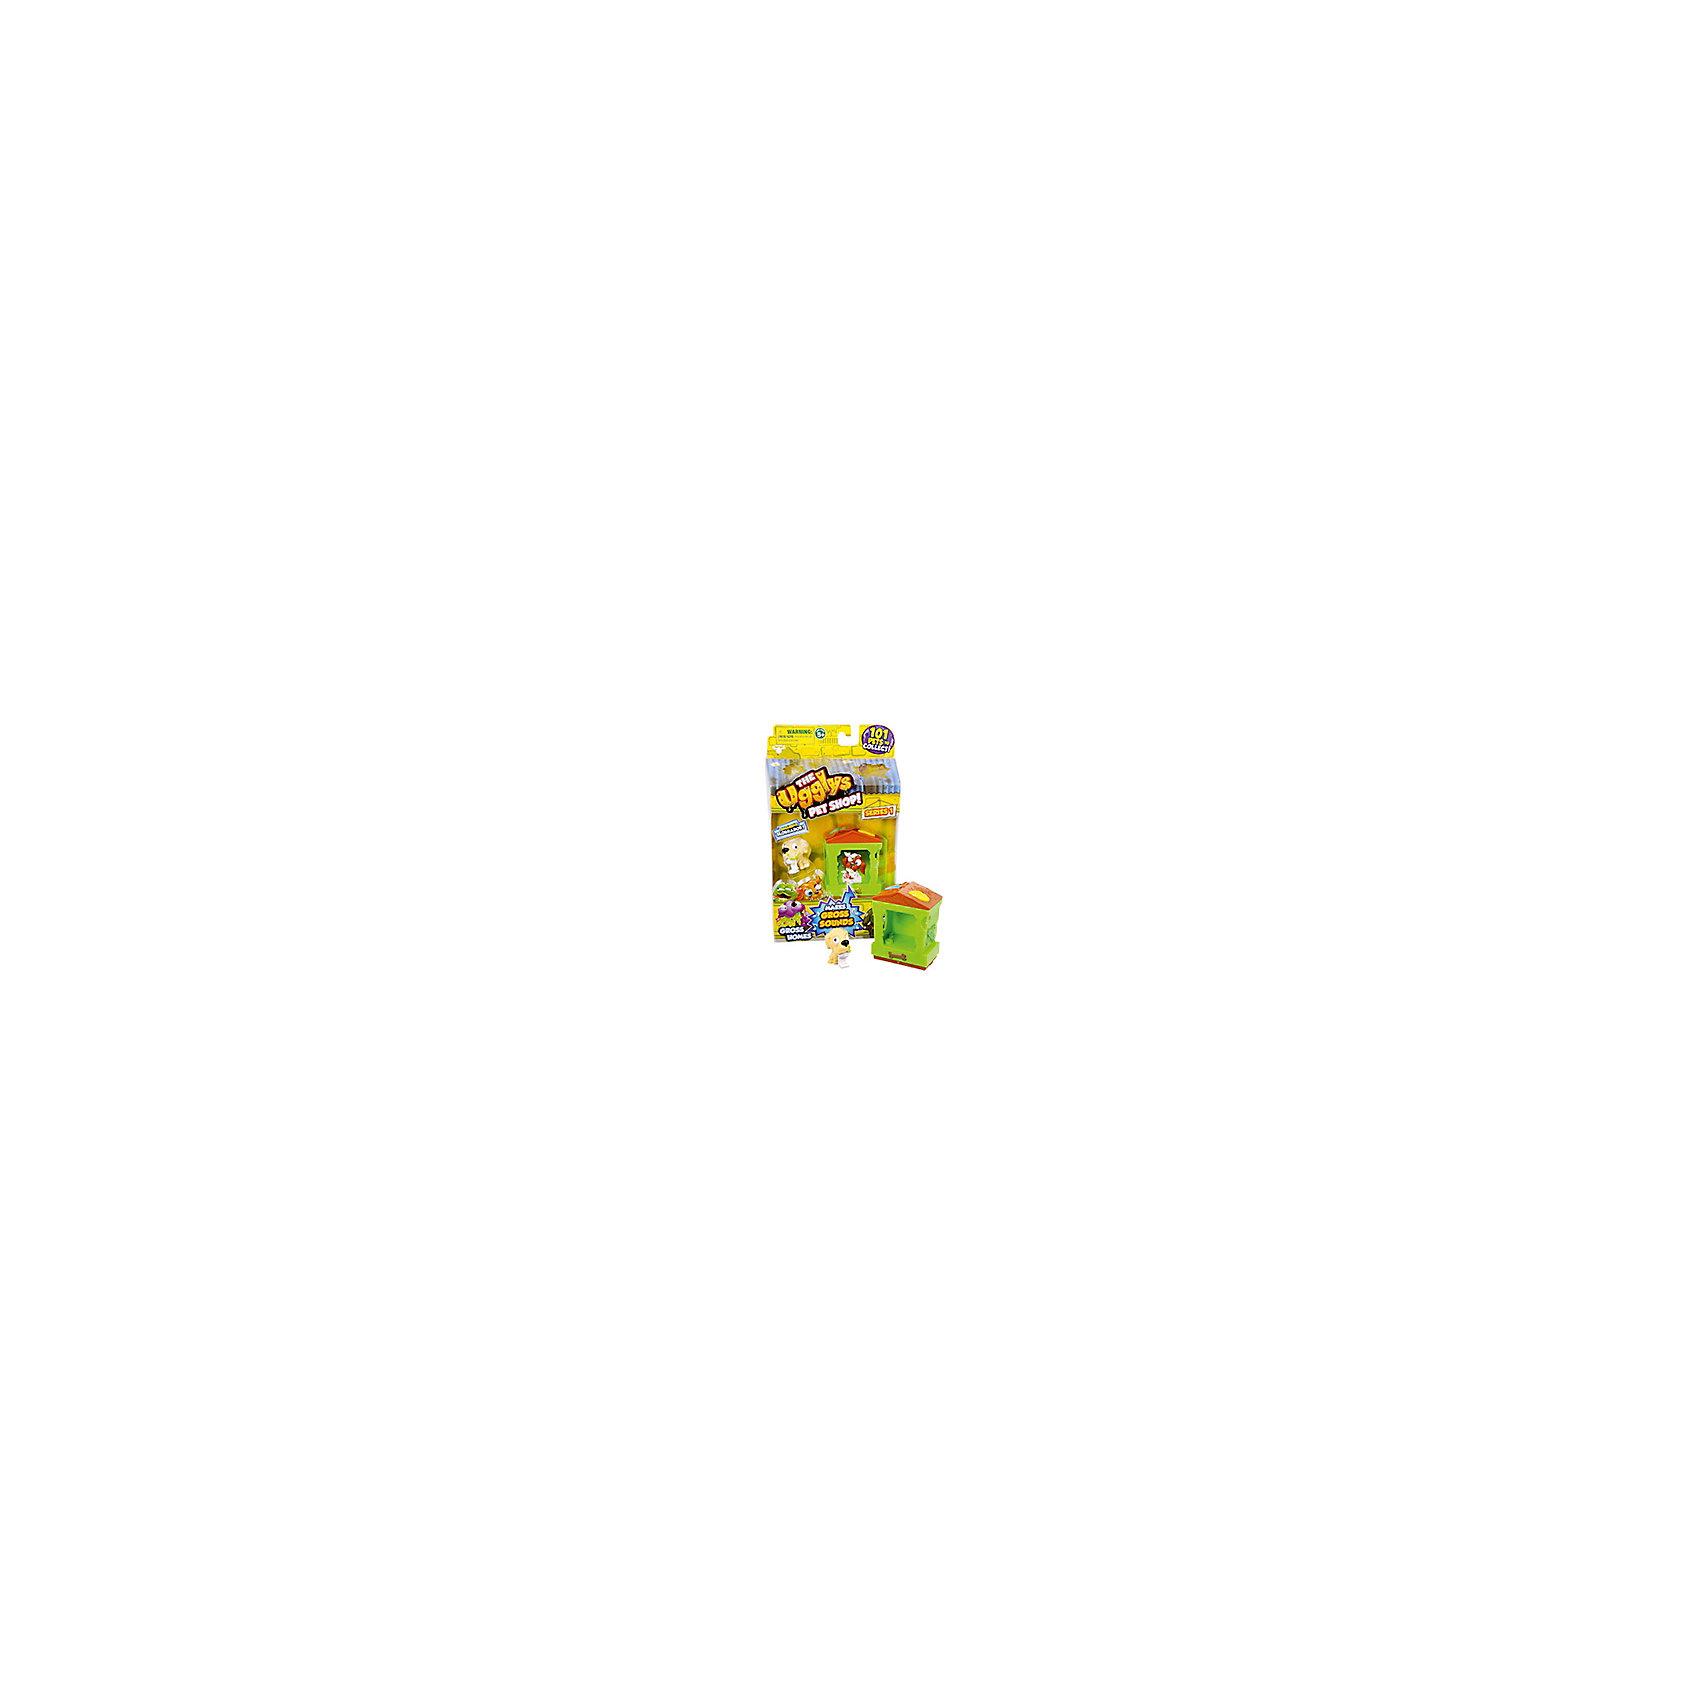 Набор Домик с фигуркой Rank Tank, Ugglys Pet ShopКоллекционные и игровые фигурки<br>Набор Домик с фигуркой, Ugglys Pet Shop – это настоящая находка для юной любительницы хулиганских питомцев.<br>Игровой набор из серии «Хулиганские животные» состоит из домика для питомца со звуковыми эффектами и уникальной фигурки питомца, которую нельзя найти в других упаковках и наборах серии. Яркий домик также неказист, как его обитатель, но может издавать преотвратительные звуки, если на него нажать. А если соединить несколько домиков вместе, то из них получится этакая шумная многоэтажная хрущоба для животных.<br><br>Дополнительная информация:<br><br>- В наборе: домик, уникальная фигурка<br>- Материал: высококачественная пластмасса, прорезиненный материал<br>- Батарейки: 2 батарейки LR44 (в комплект не входят)<br>- Размер упаковки: 140х230х50 мм.<br>- Вес: 189 гр.<br><br>Набор Домик с фигуркой, Ugglys Pet Shop можно купить в нашем интернет-магазине.<br><br>Ширина мм: 140<br>Глубина мм: 230<br>Высота мм: 50<br>Вес г: 189<br>Возраст от месяцев: 60<br>Возраст до месяцев: 144<br>Пол: Унисекс<br>Возраст: Детский<br>SKU: 4849998